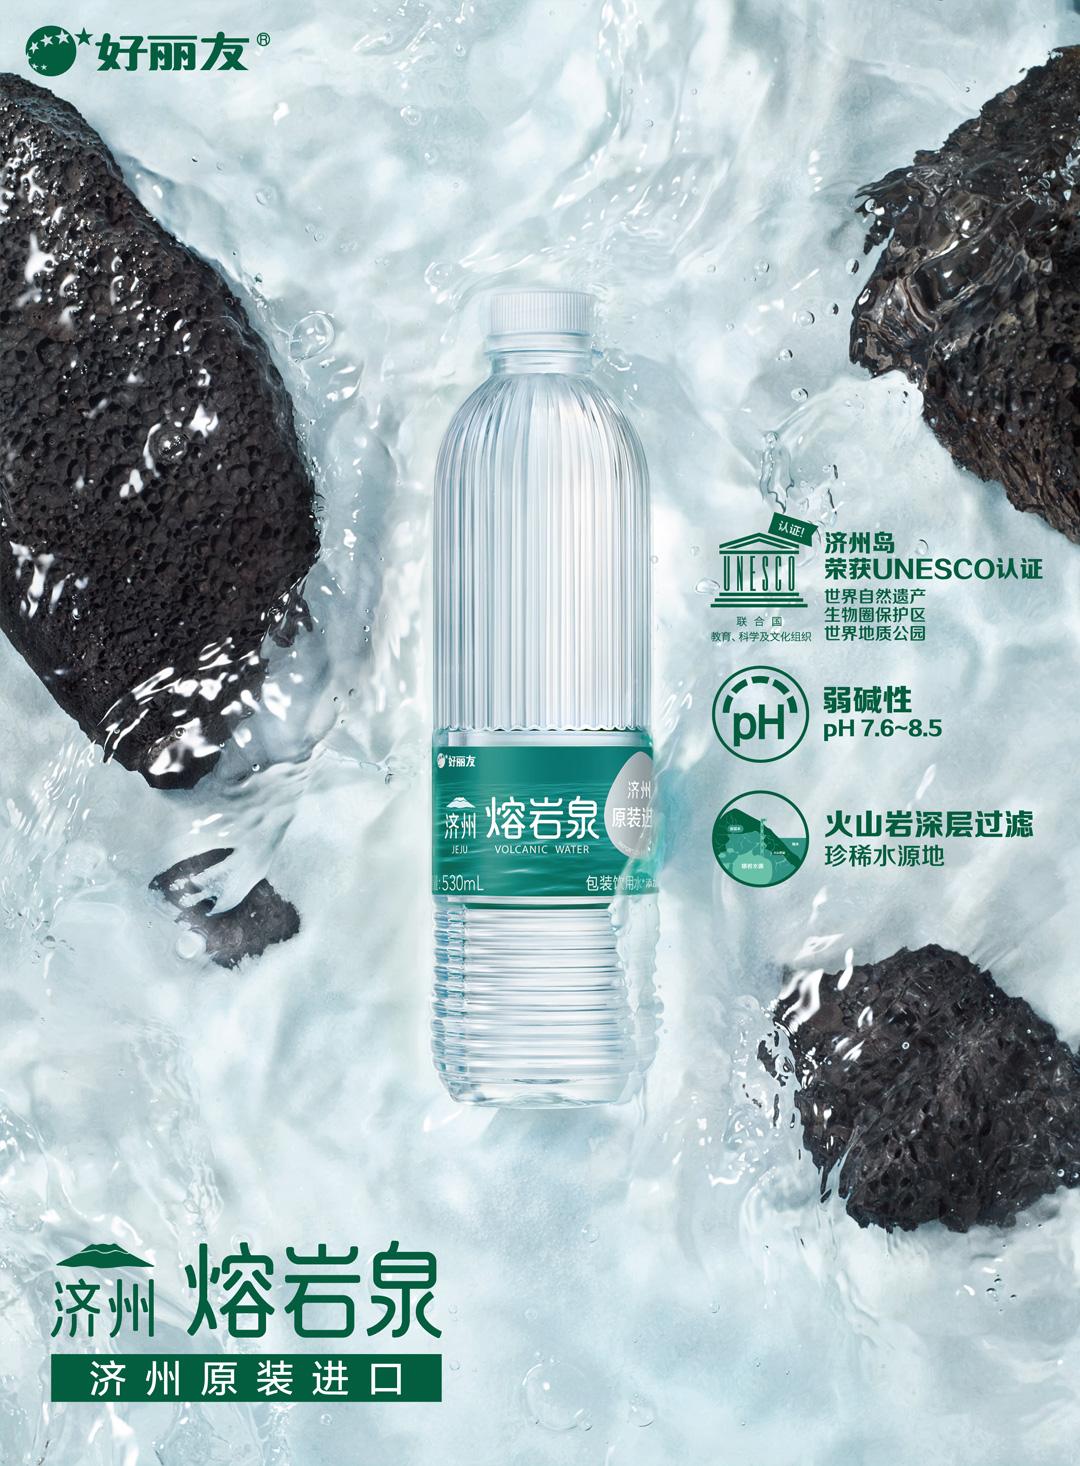 韩国进口 好丽友旗下 济州岛 熔岩泉饮用水 530ml*20瓶 图1